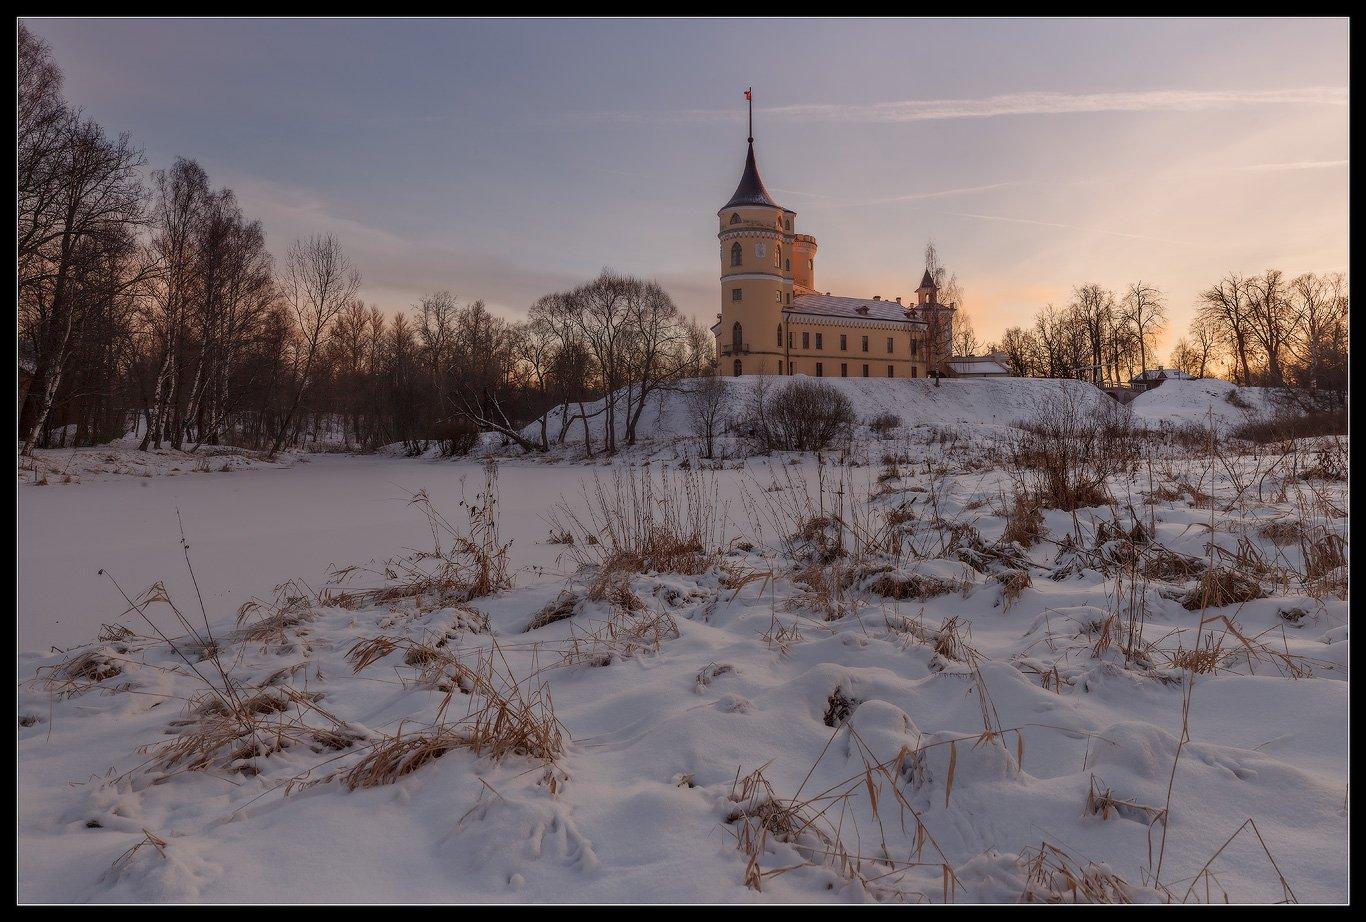 павловск, бип, россия, зима, закат, , Илья Штром